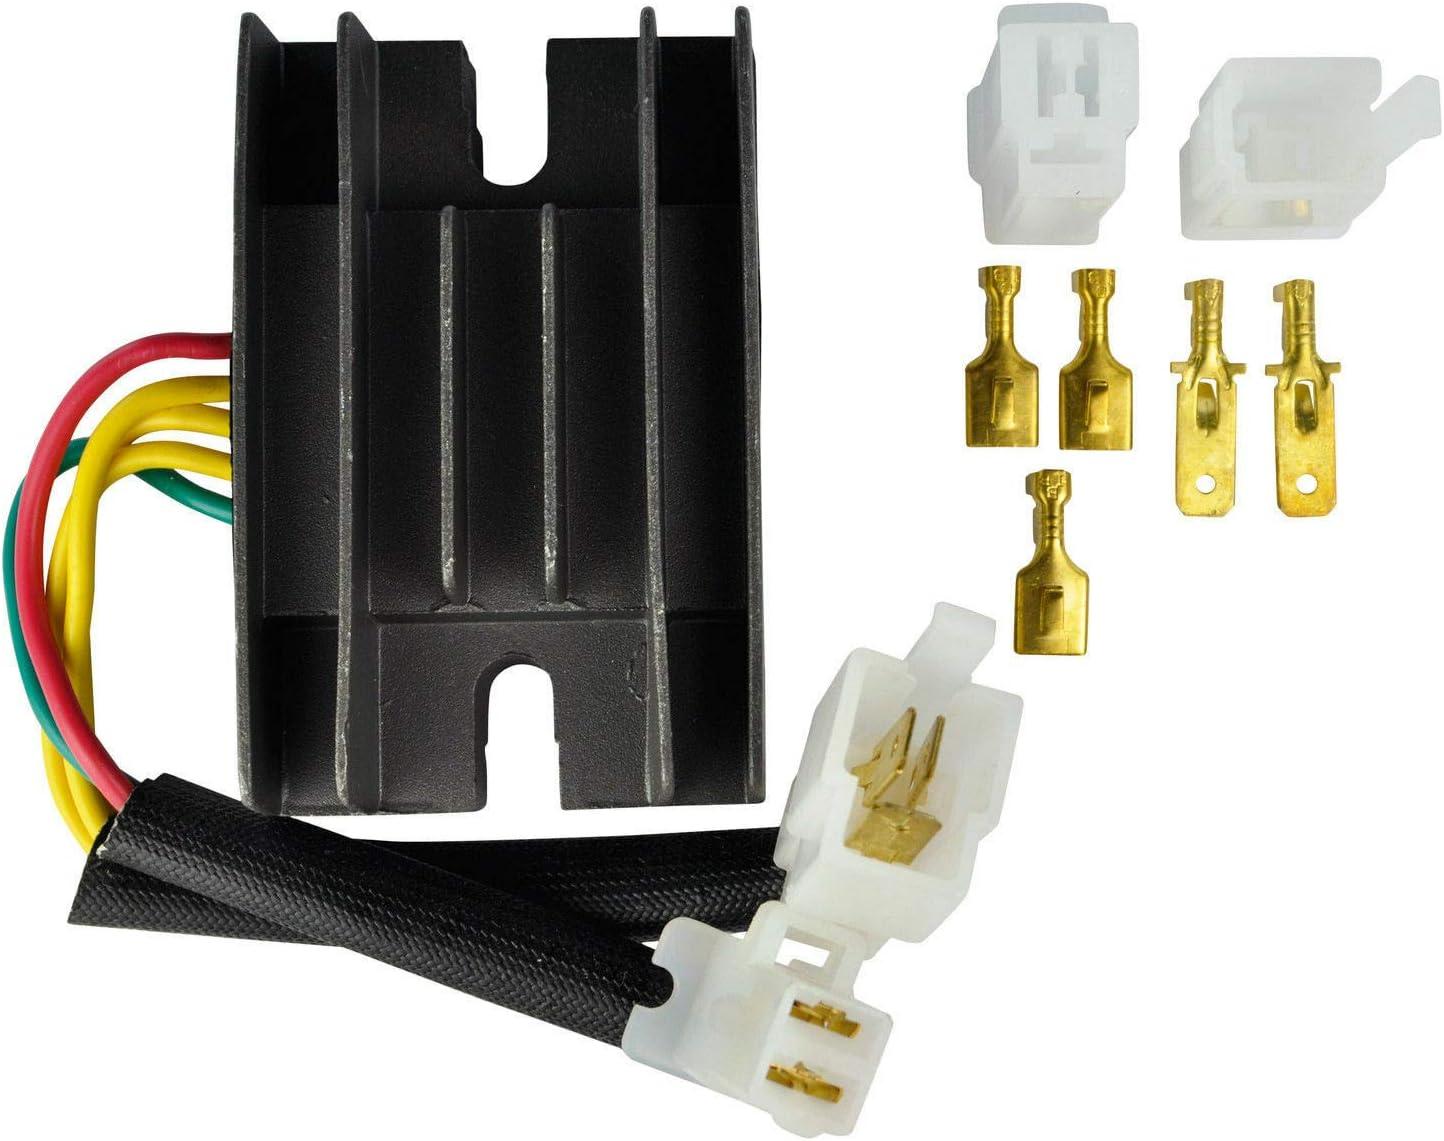 New Voltage Regulator Rectifier For Arctic Cat 250 300 1998-2003 99 01 02